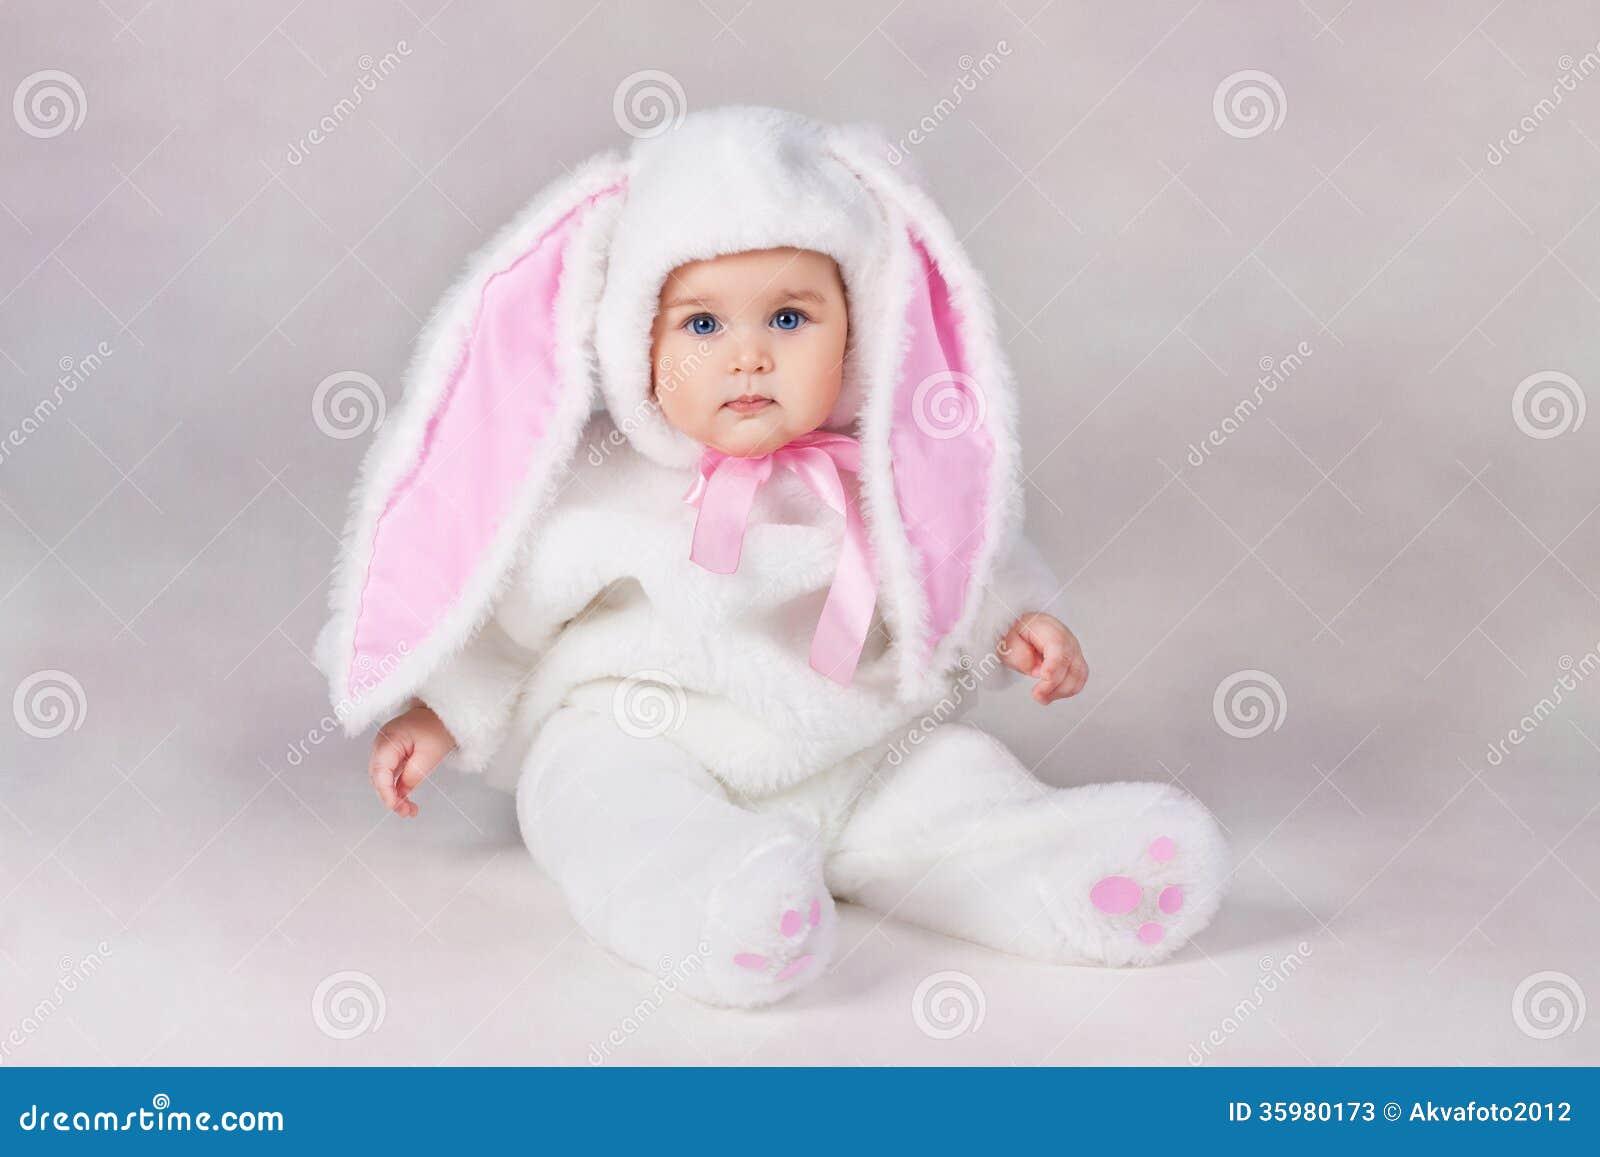 Baby Bunny Costume Photos